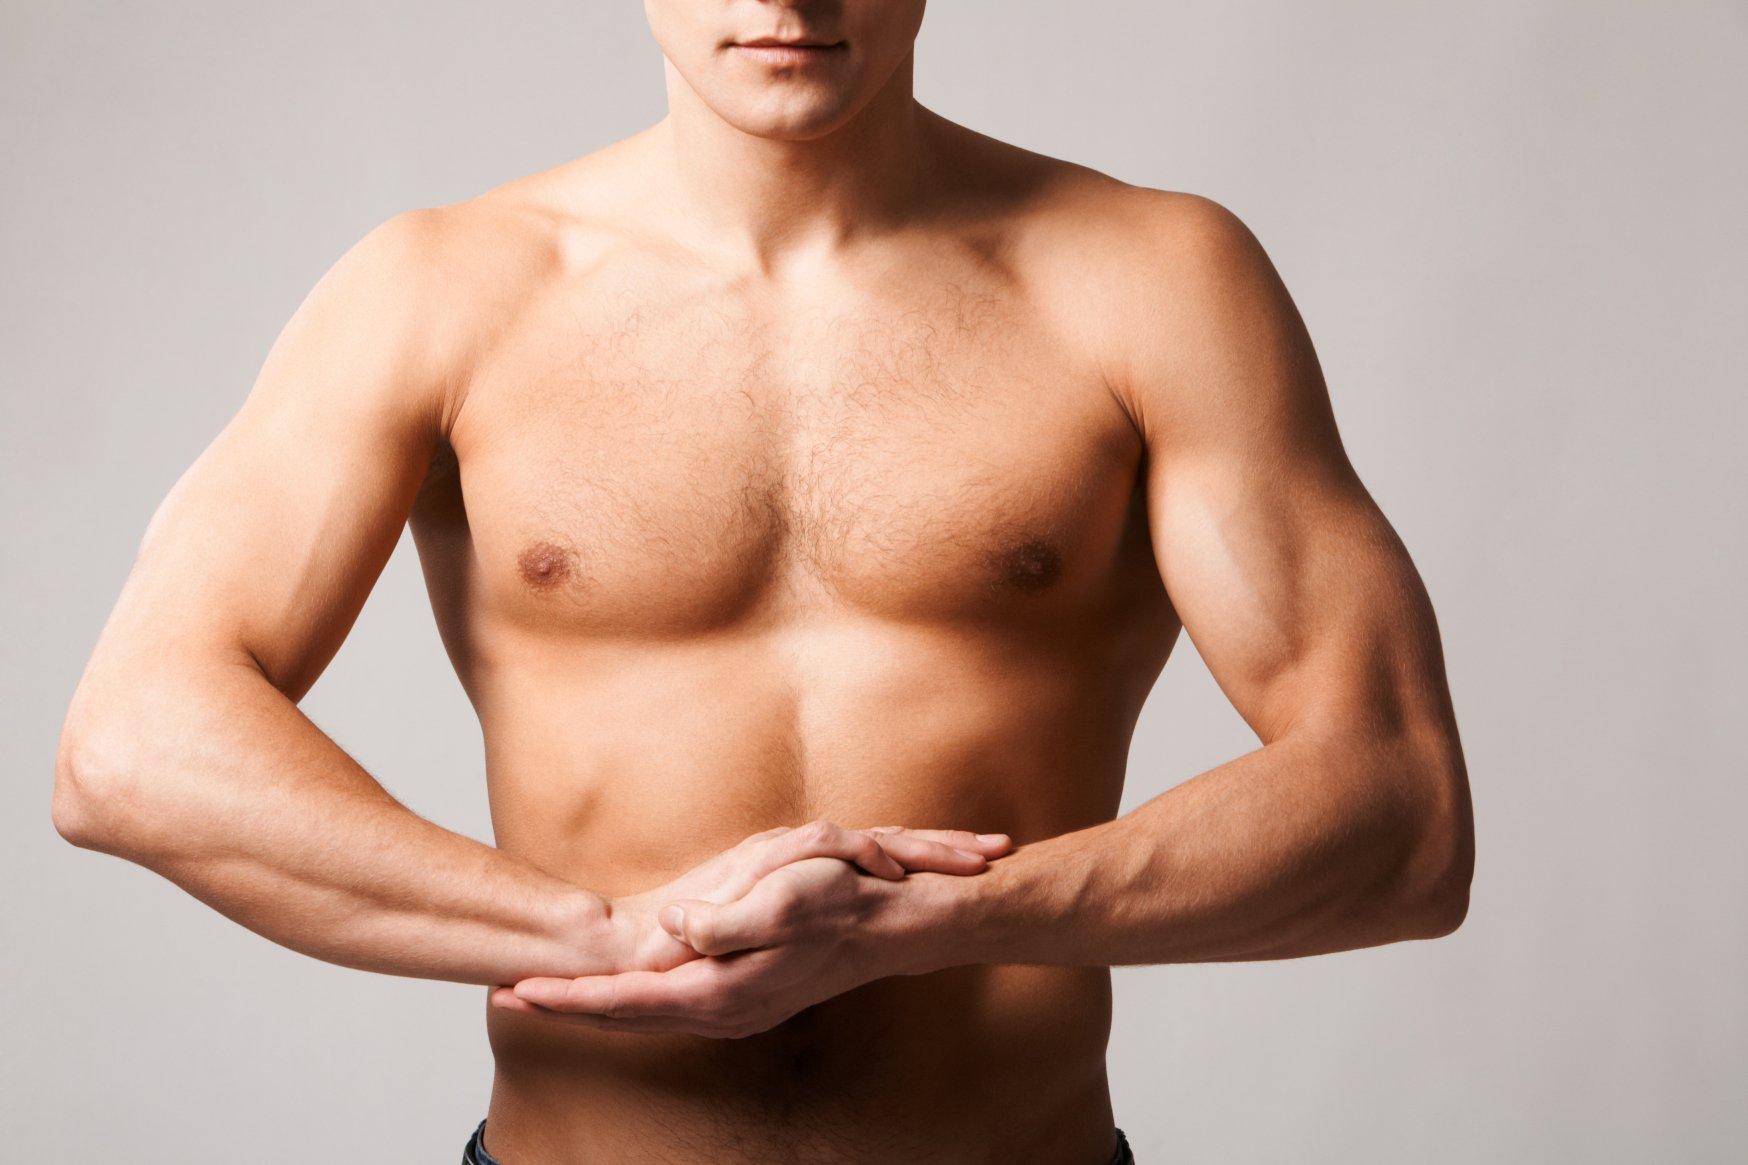 apie varpos sveikatą šalutinis dažnos erekcijos poveikis